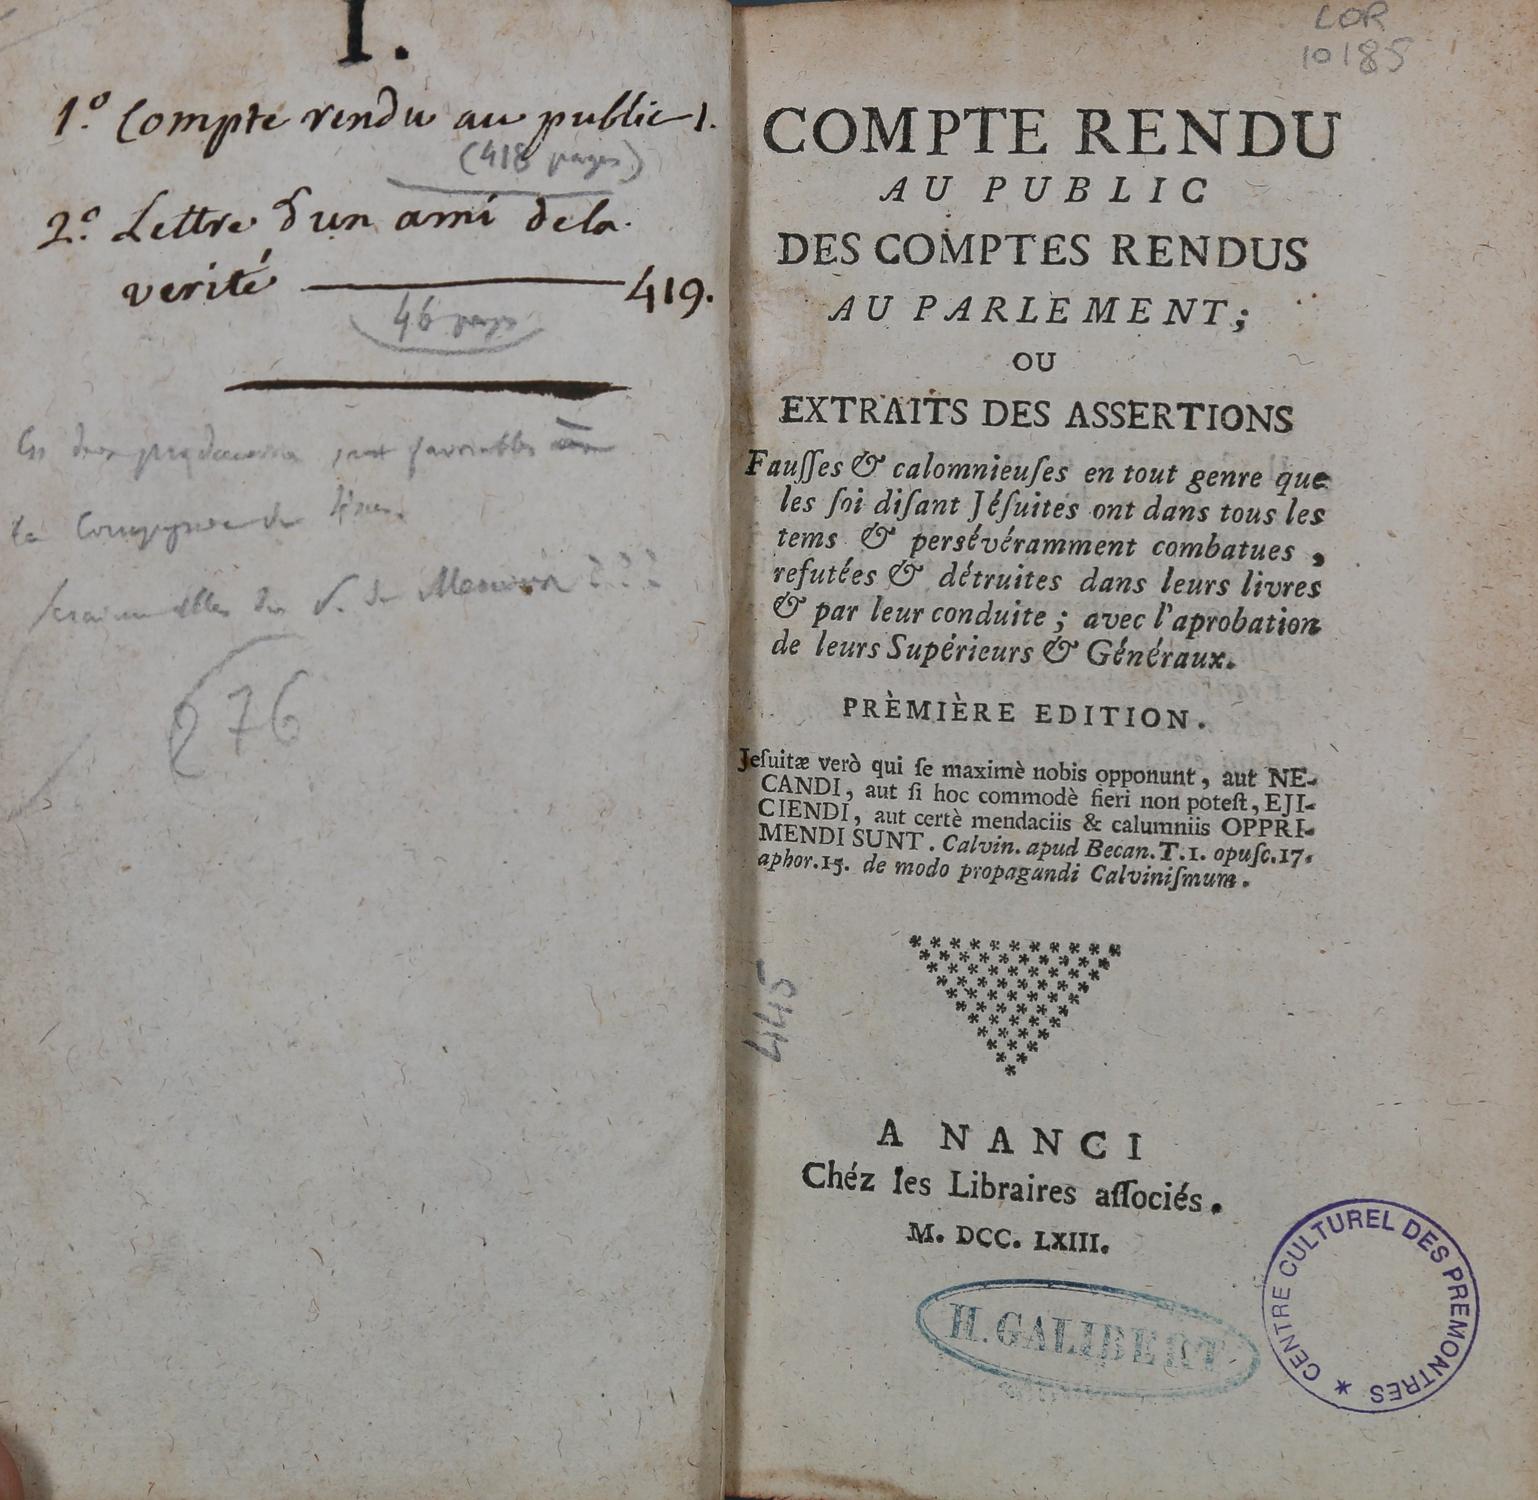 Un pamphlet anti-jésuite